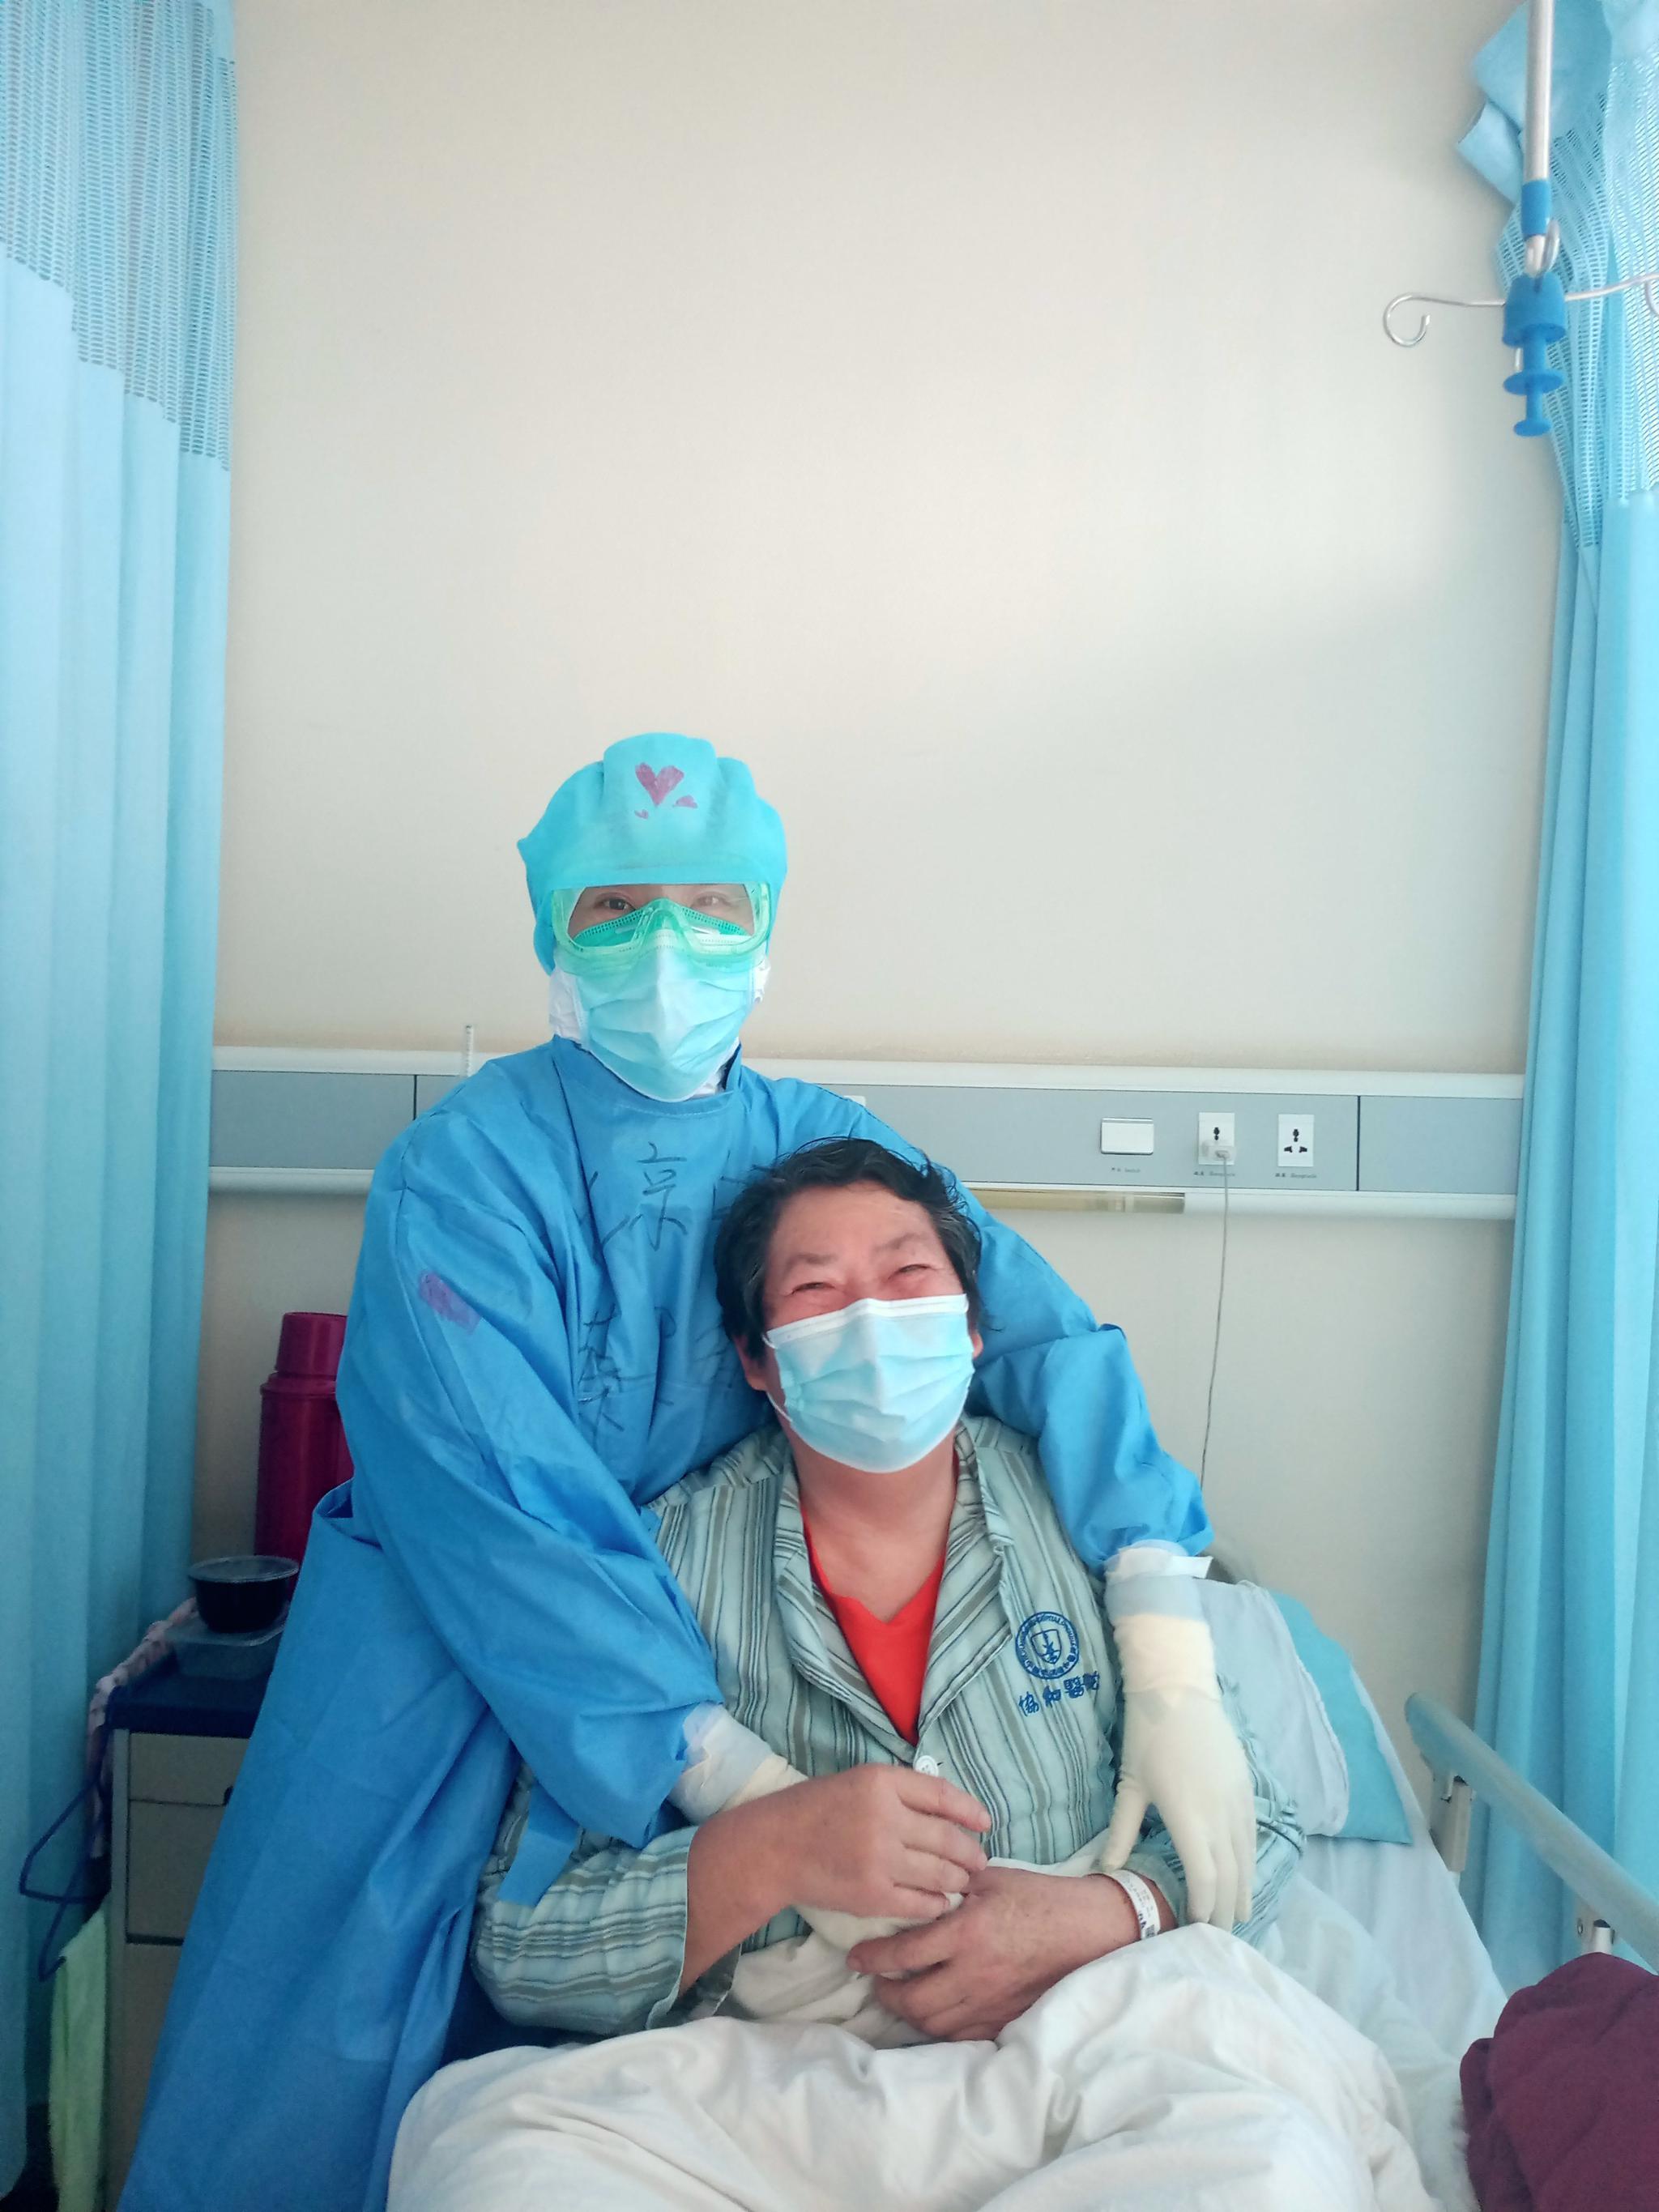 研究:新冠病毒发源地非华南海鲜市场 11月或人传人